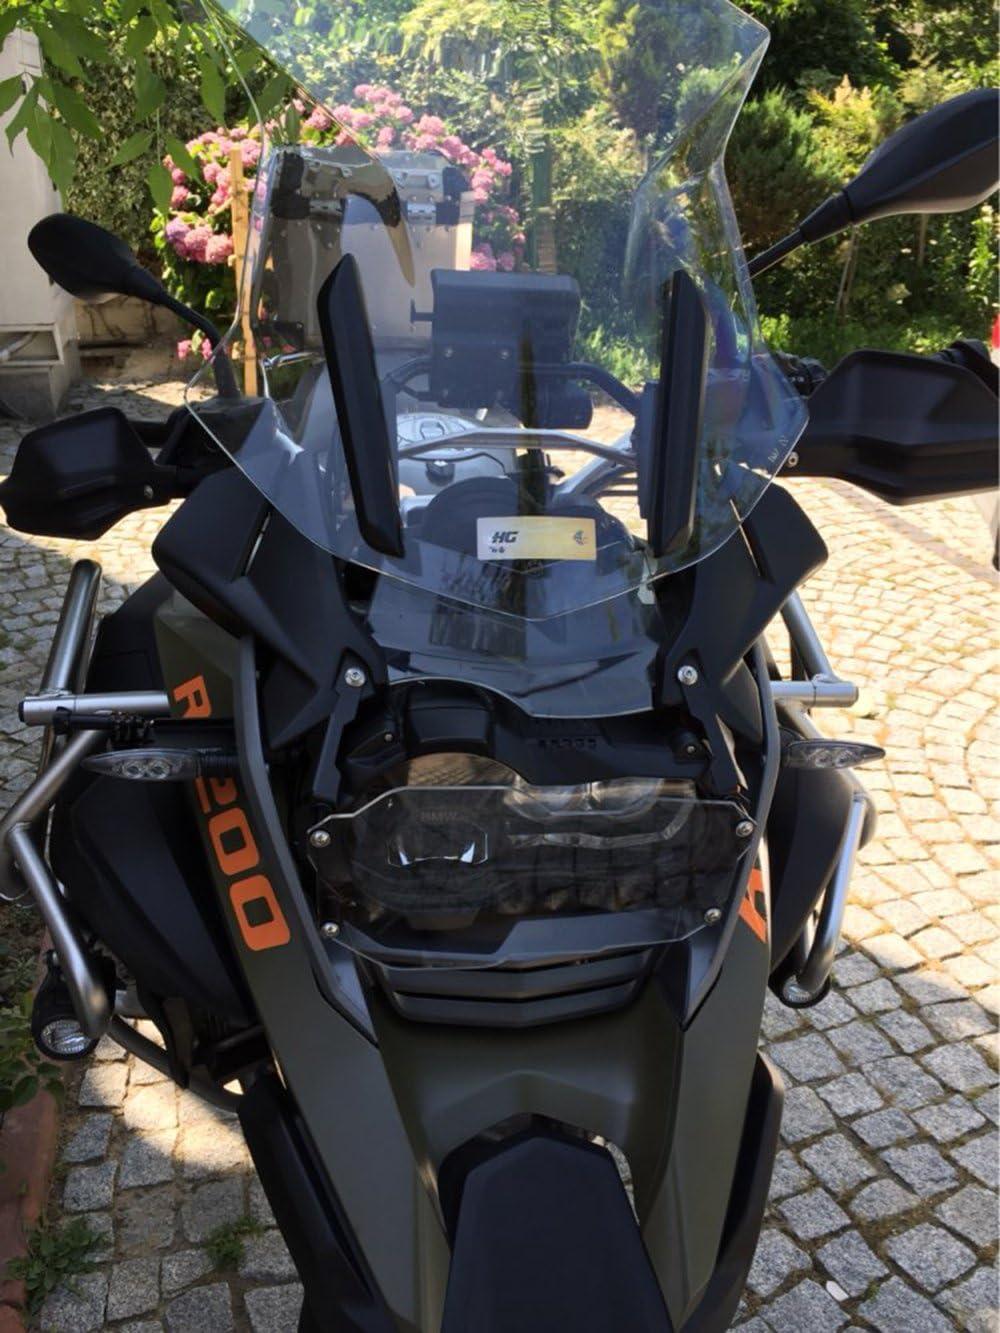 Motorrad Schutzzubehör Frontscheinwerfer Schutzhülle Für R1200gs Lc Adv 2013 2014 2015 2016 Transparent Auto